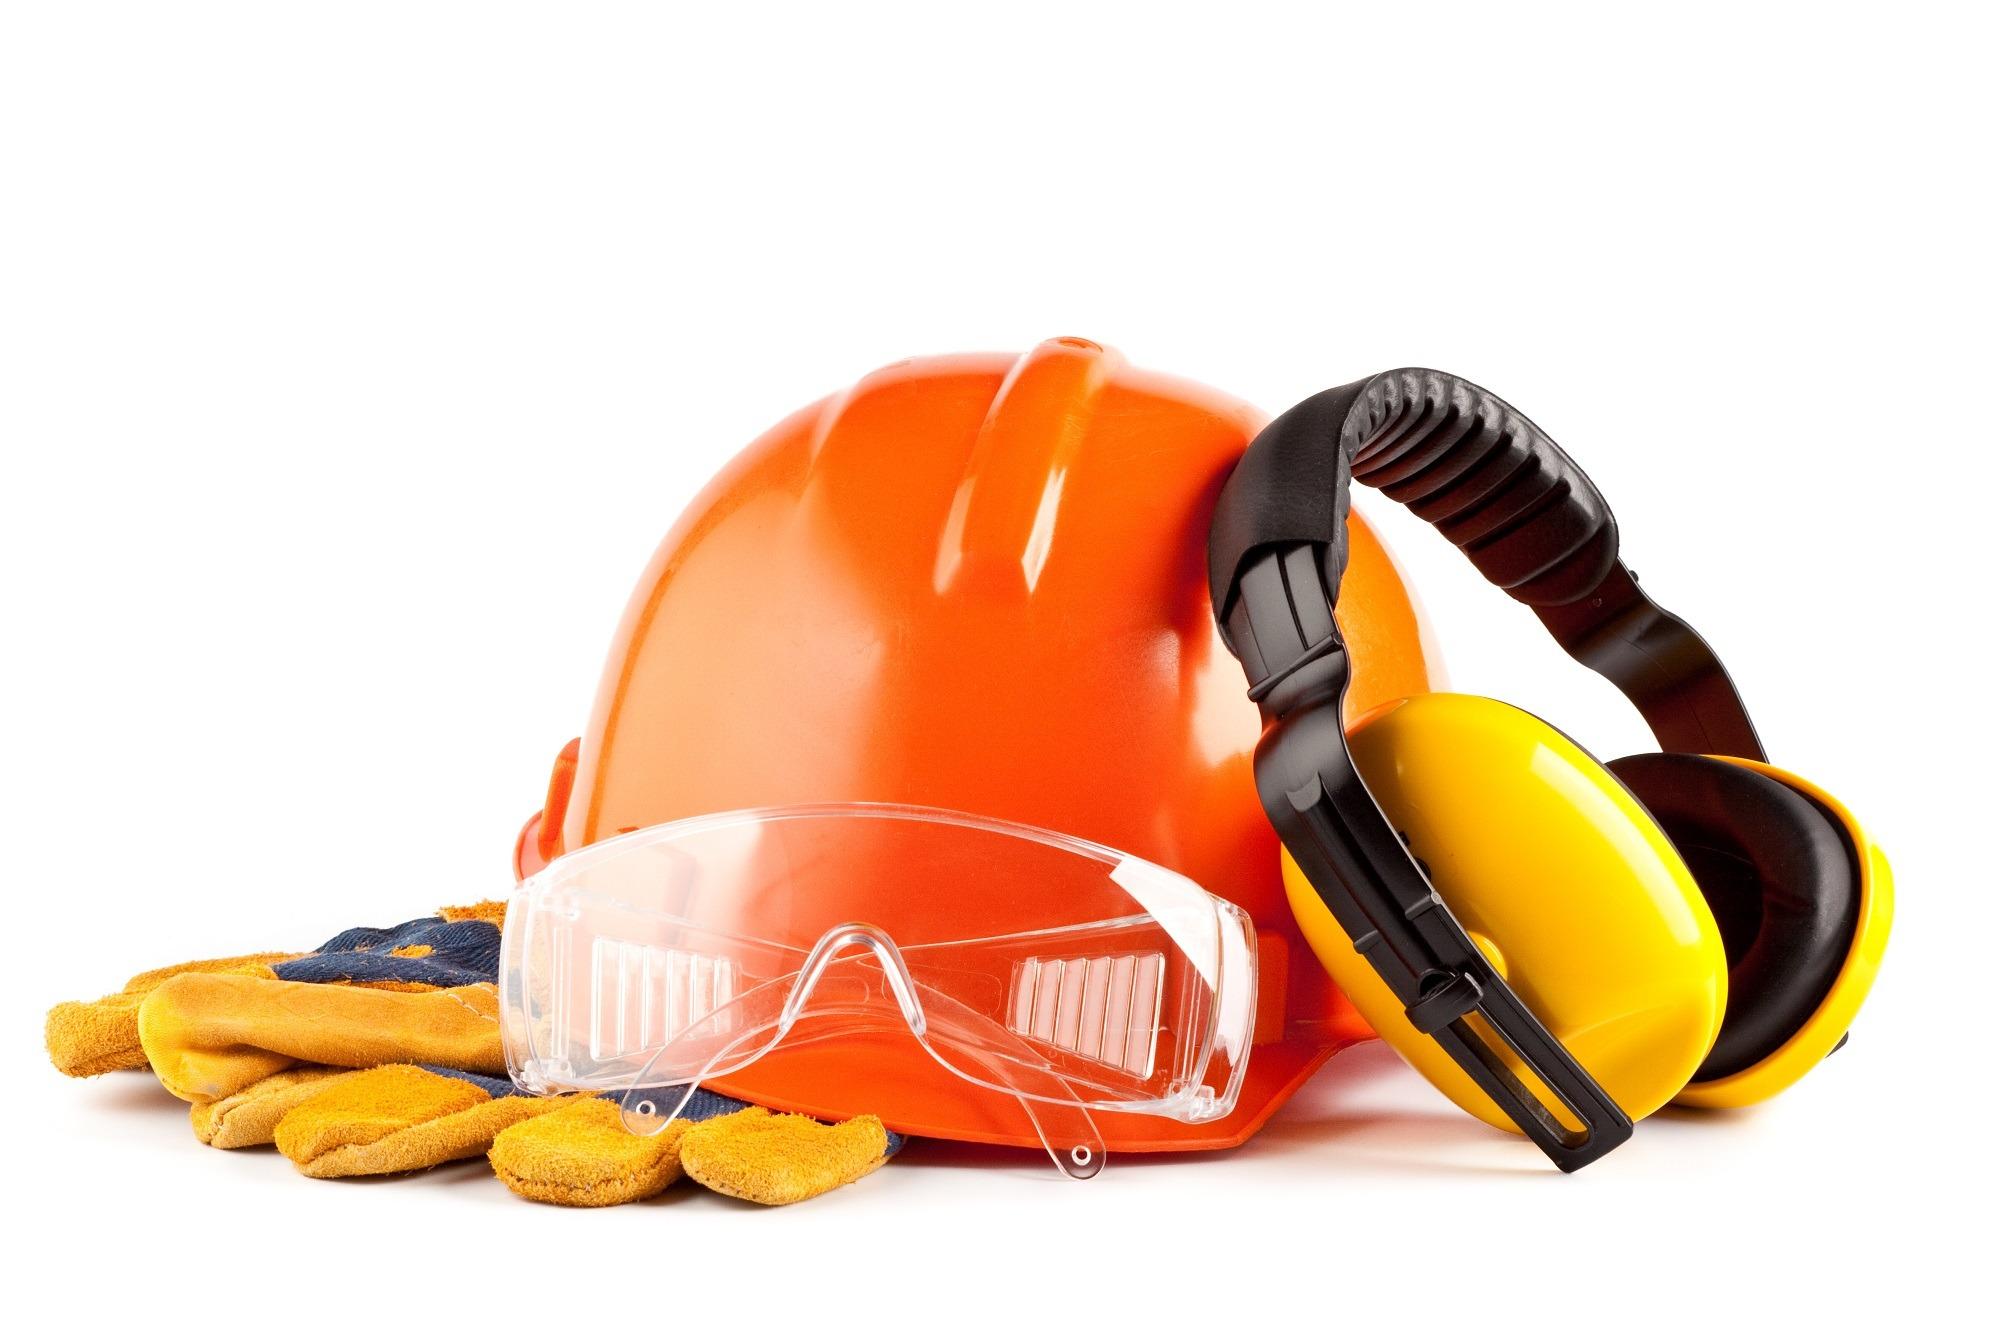 Equipamentos de Proteção Individual com CA vencido podem ser utilizados pelos funcionários